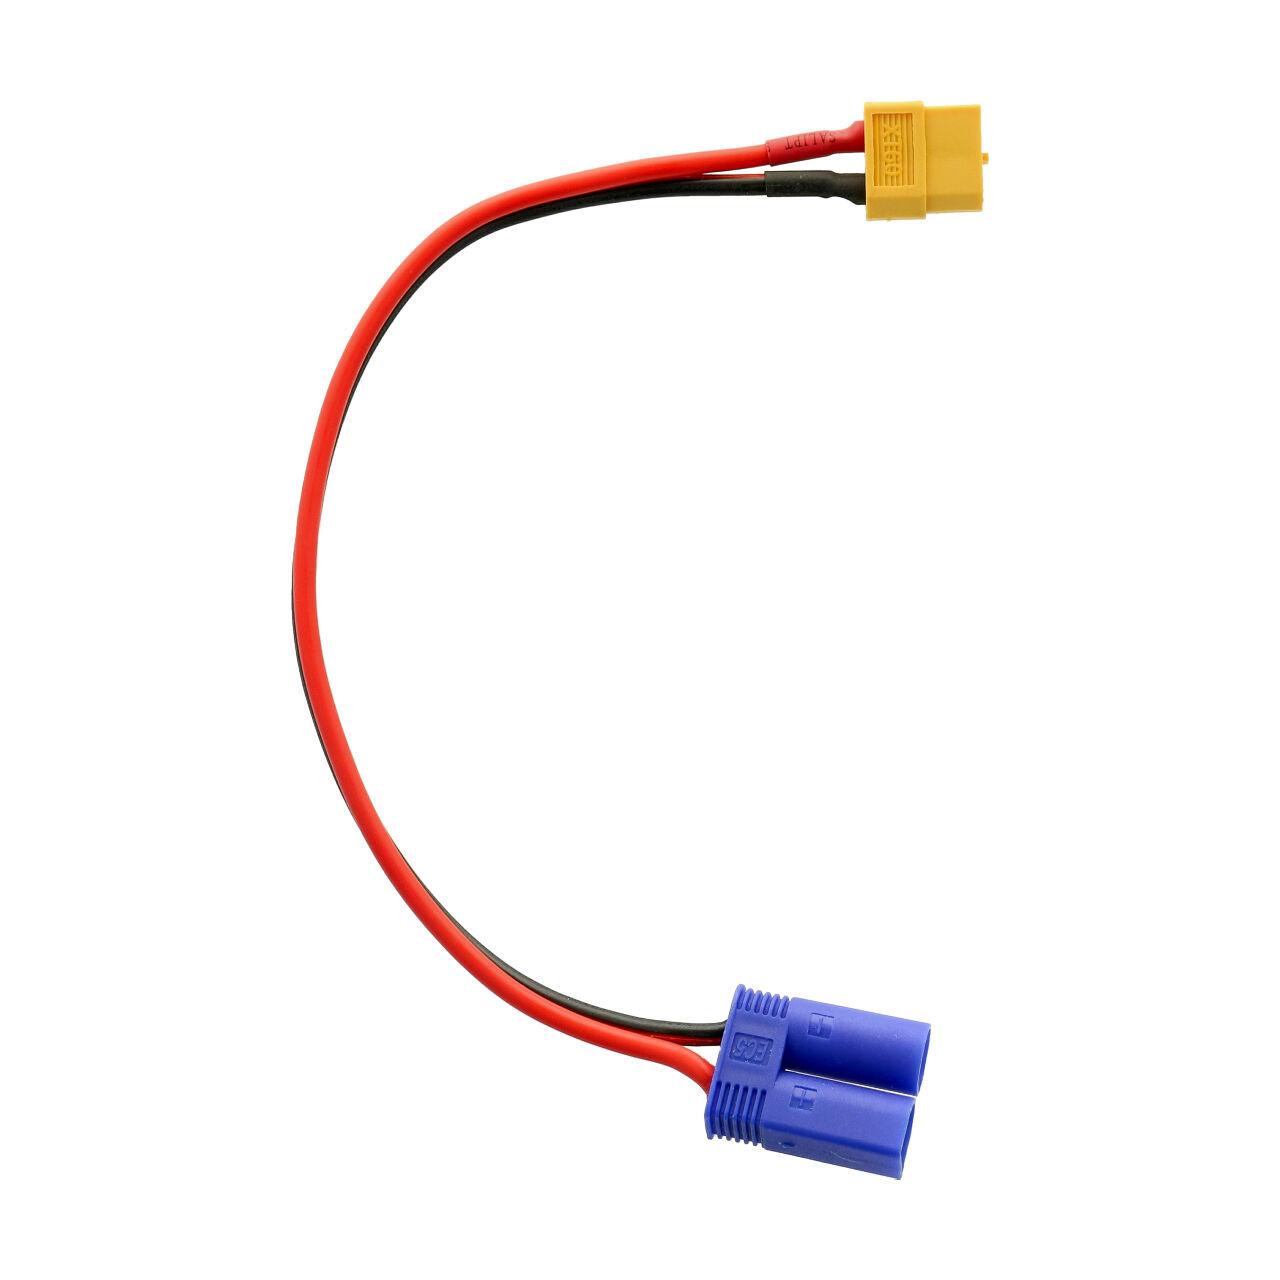 SKYRC Cable de charge XT60 pour batterie prise EC5, SK600023-16